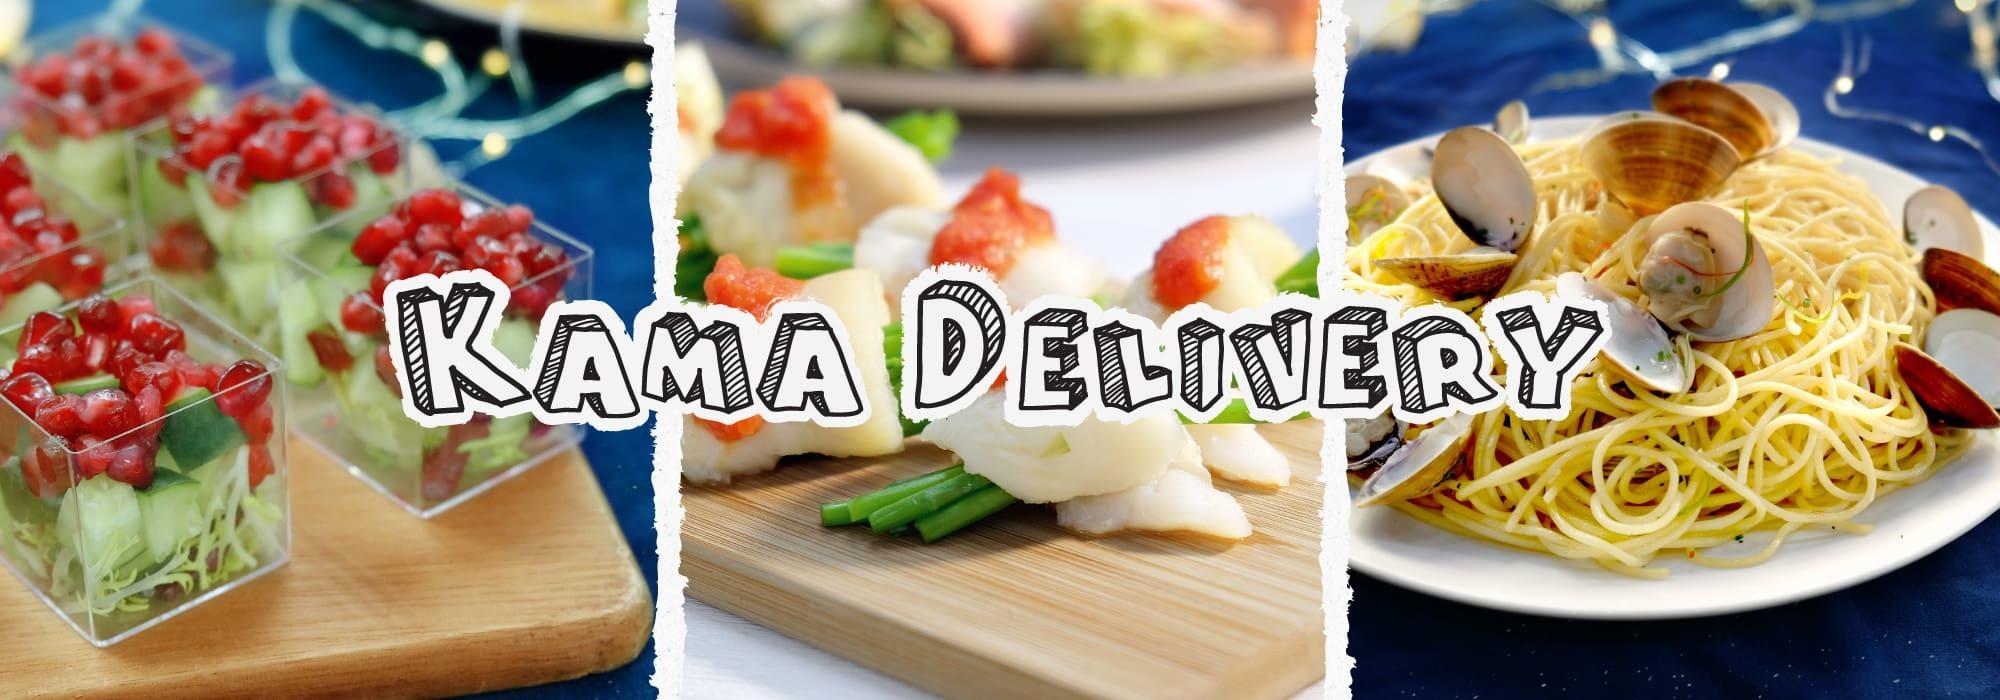 健康到會食物點樣揀好| Kama Delivery到會外賣速遞服務|提價平價素食健康外賣